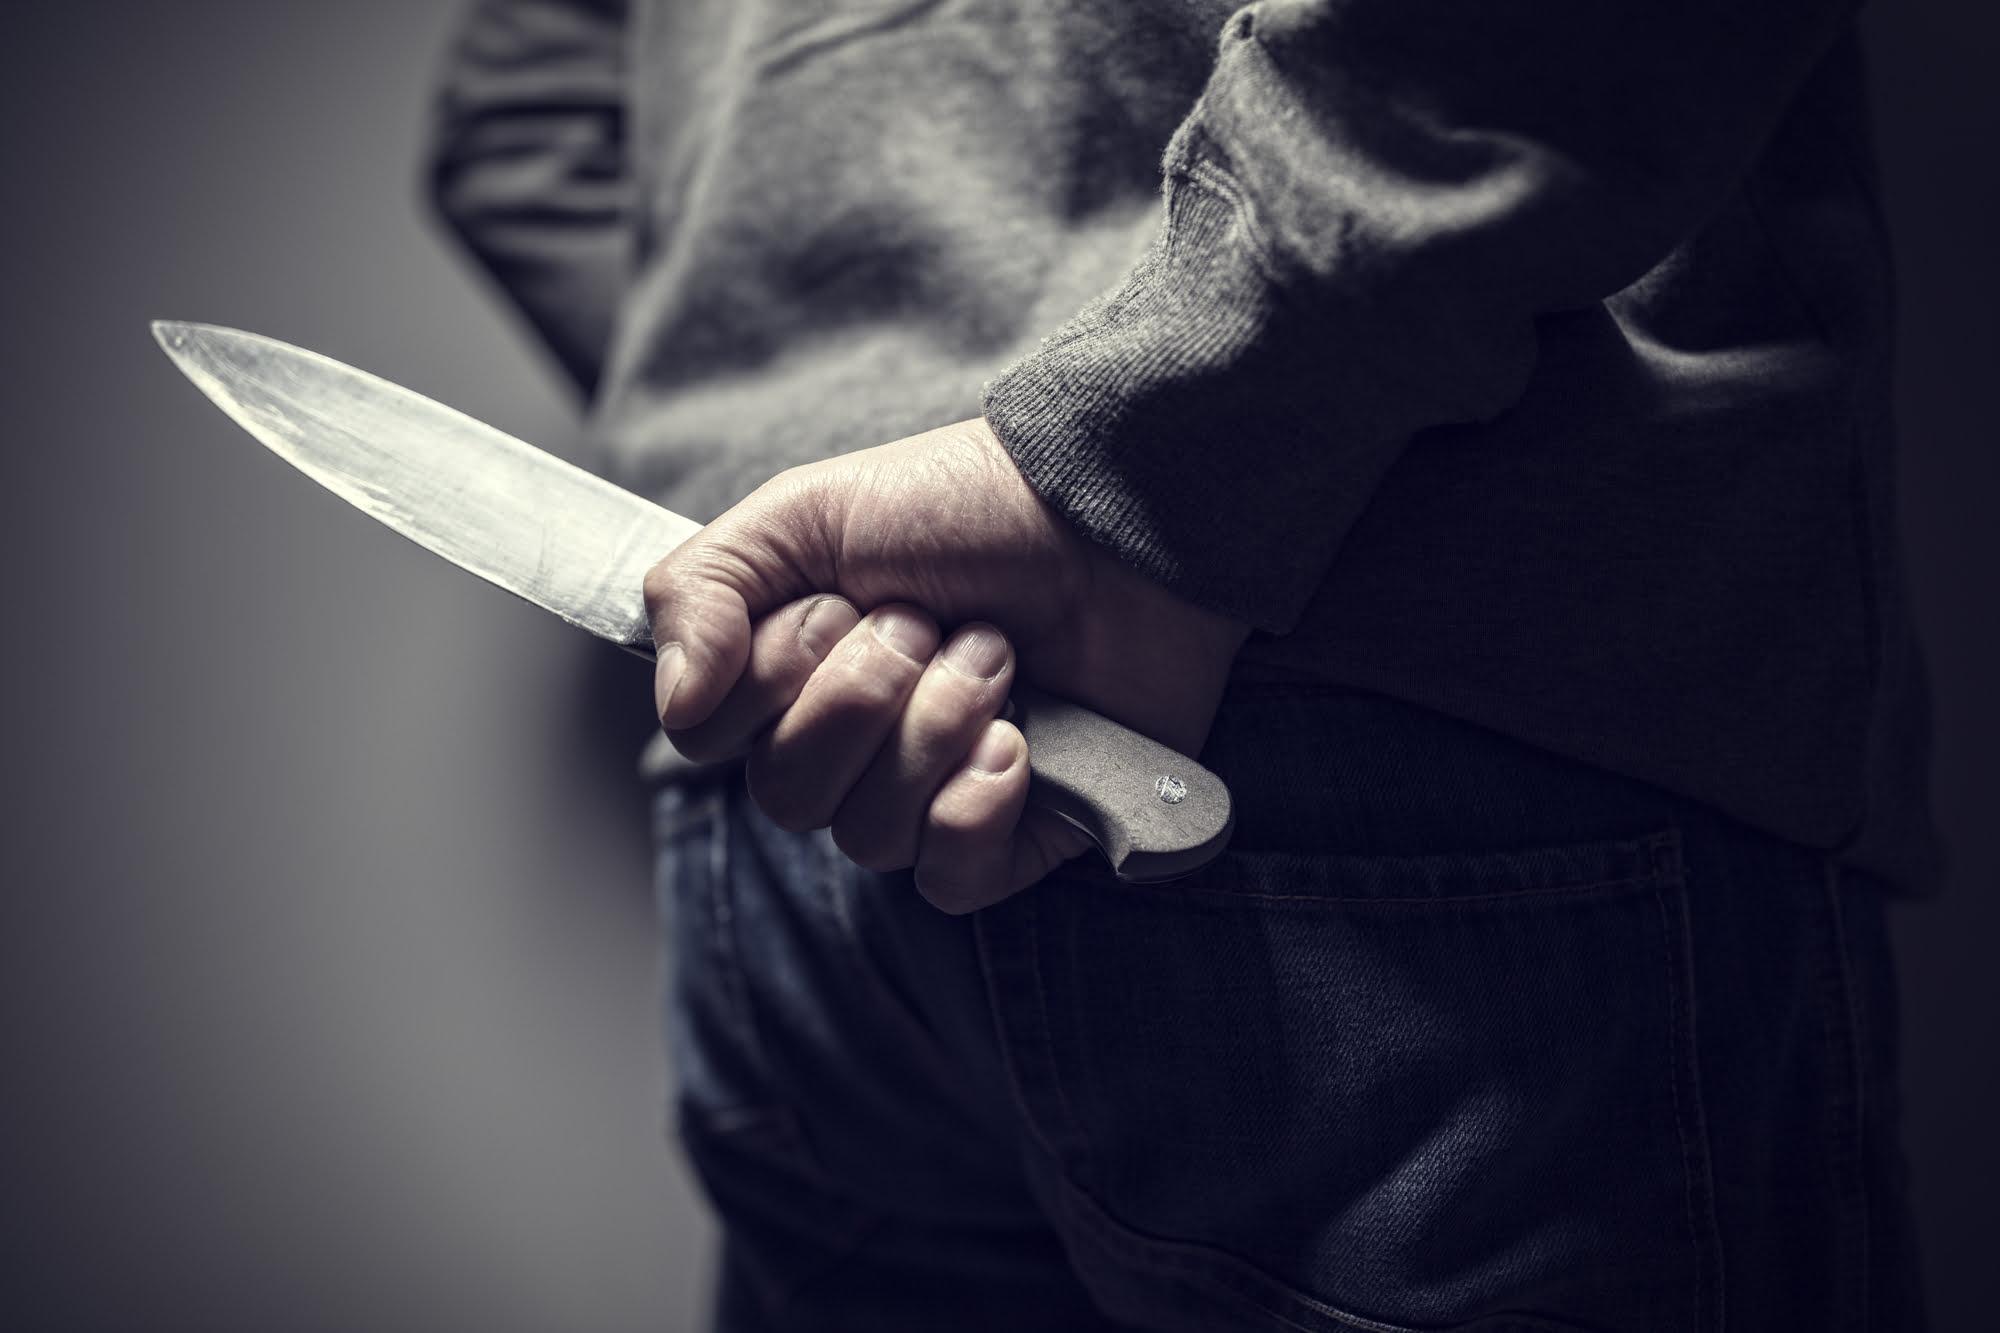 مقتل امرأة طعناً بالسكين على يد زوجها السوري في ألمانيا